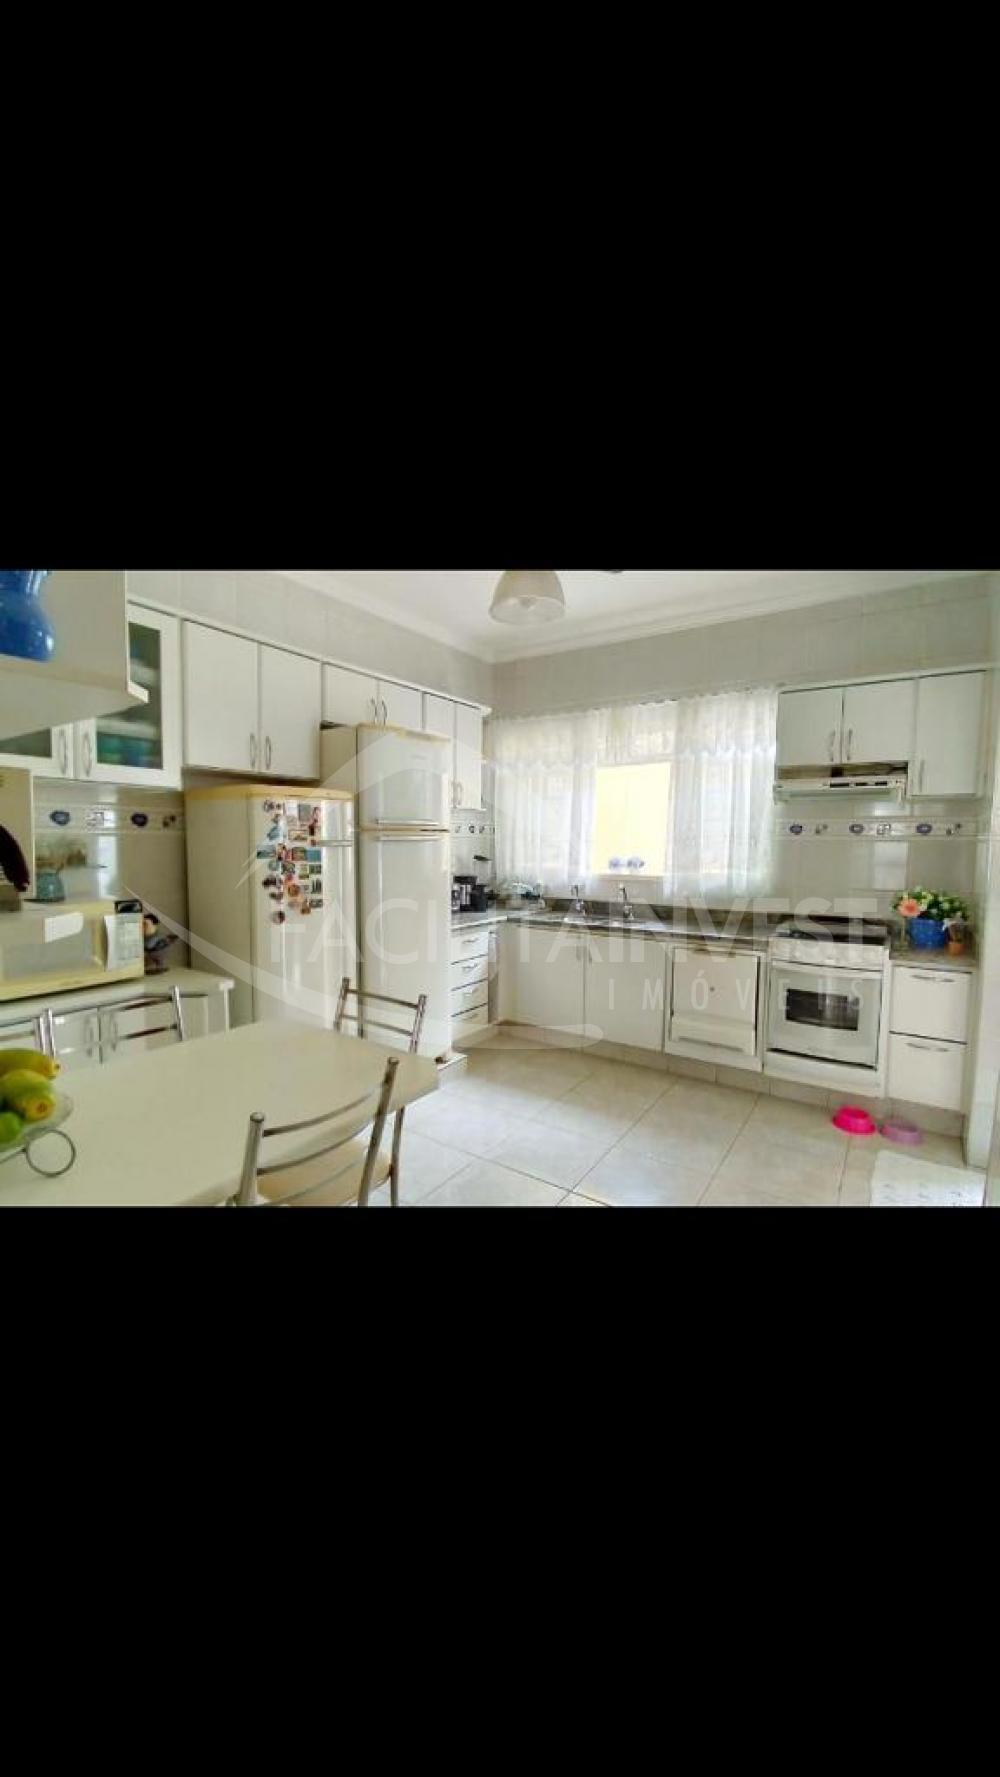 Comprar Casa Padrão / Casa Padrão em Ribeirão Preto apenas R$ 900.000,00 - Foto 5